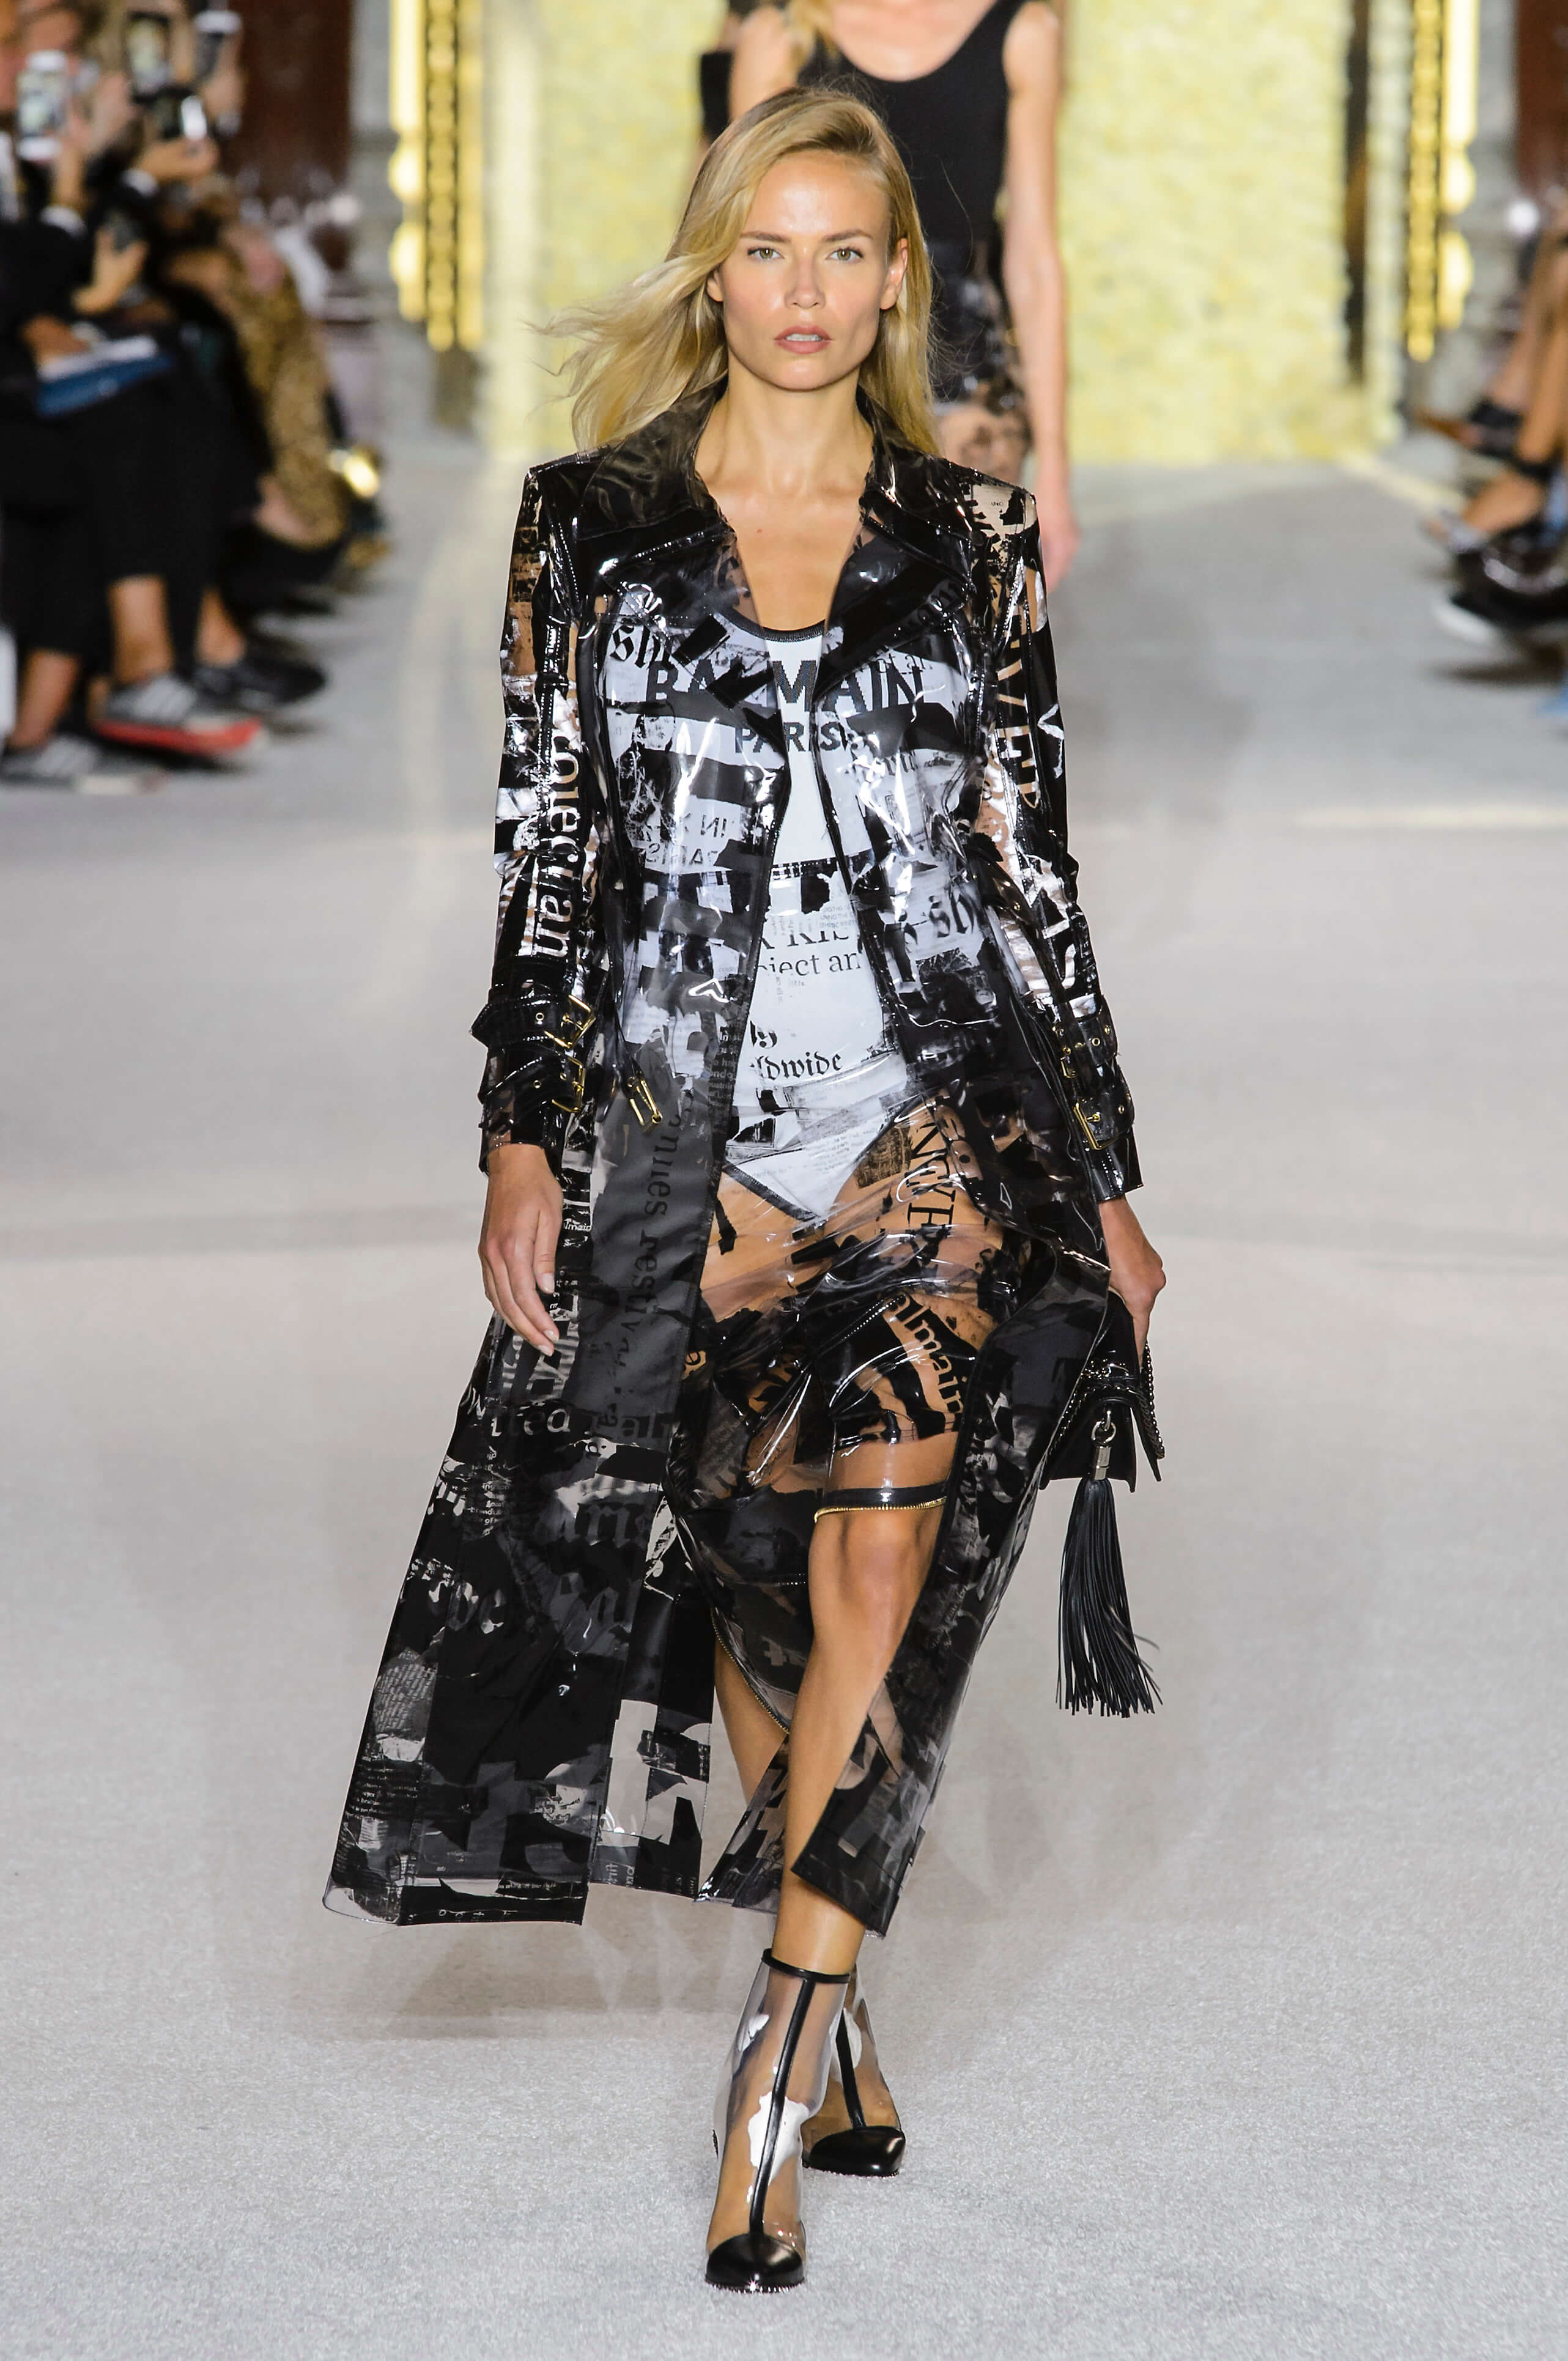 Новый тренд: Одежда в пластиковом чехле-Фото 1